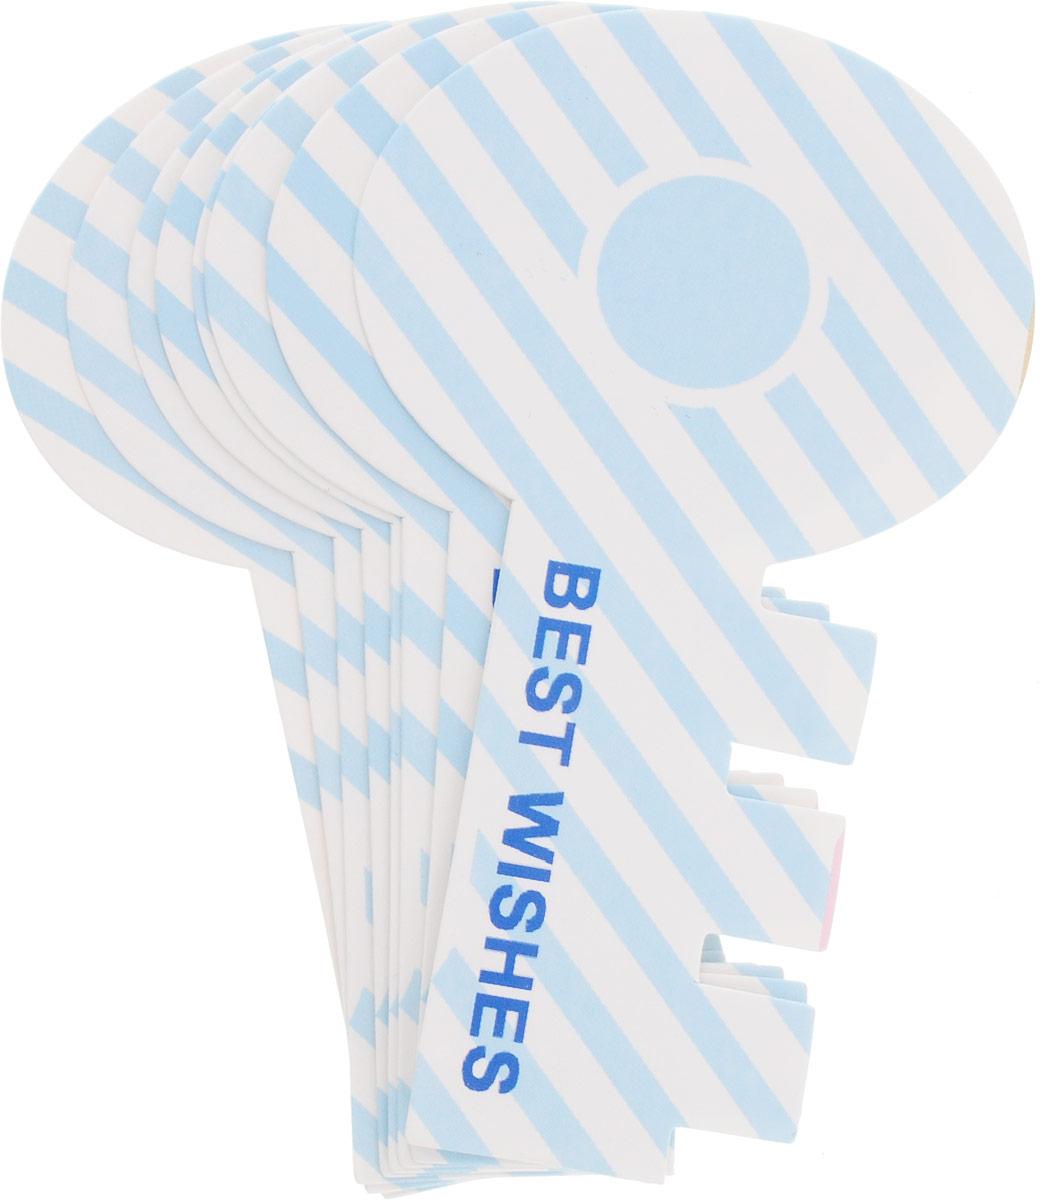 Карамба Закладки Ключ цвет голубой 8 шт4028_голубой, косая линияБумажные закладки вырезаны в форме ключика.Уважаемые клиенты! Обращаем ваше внимание на цветовой ассортимент товара. Поставка осуществляется в зависимости от наличия на складе.